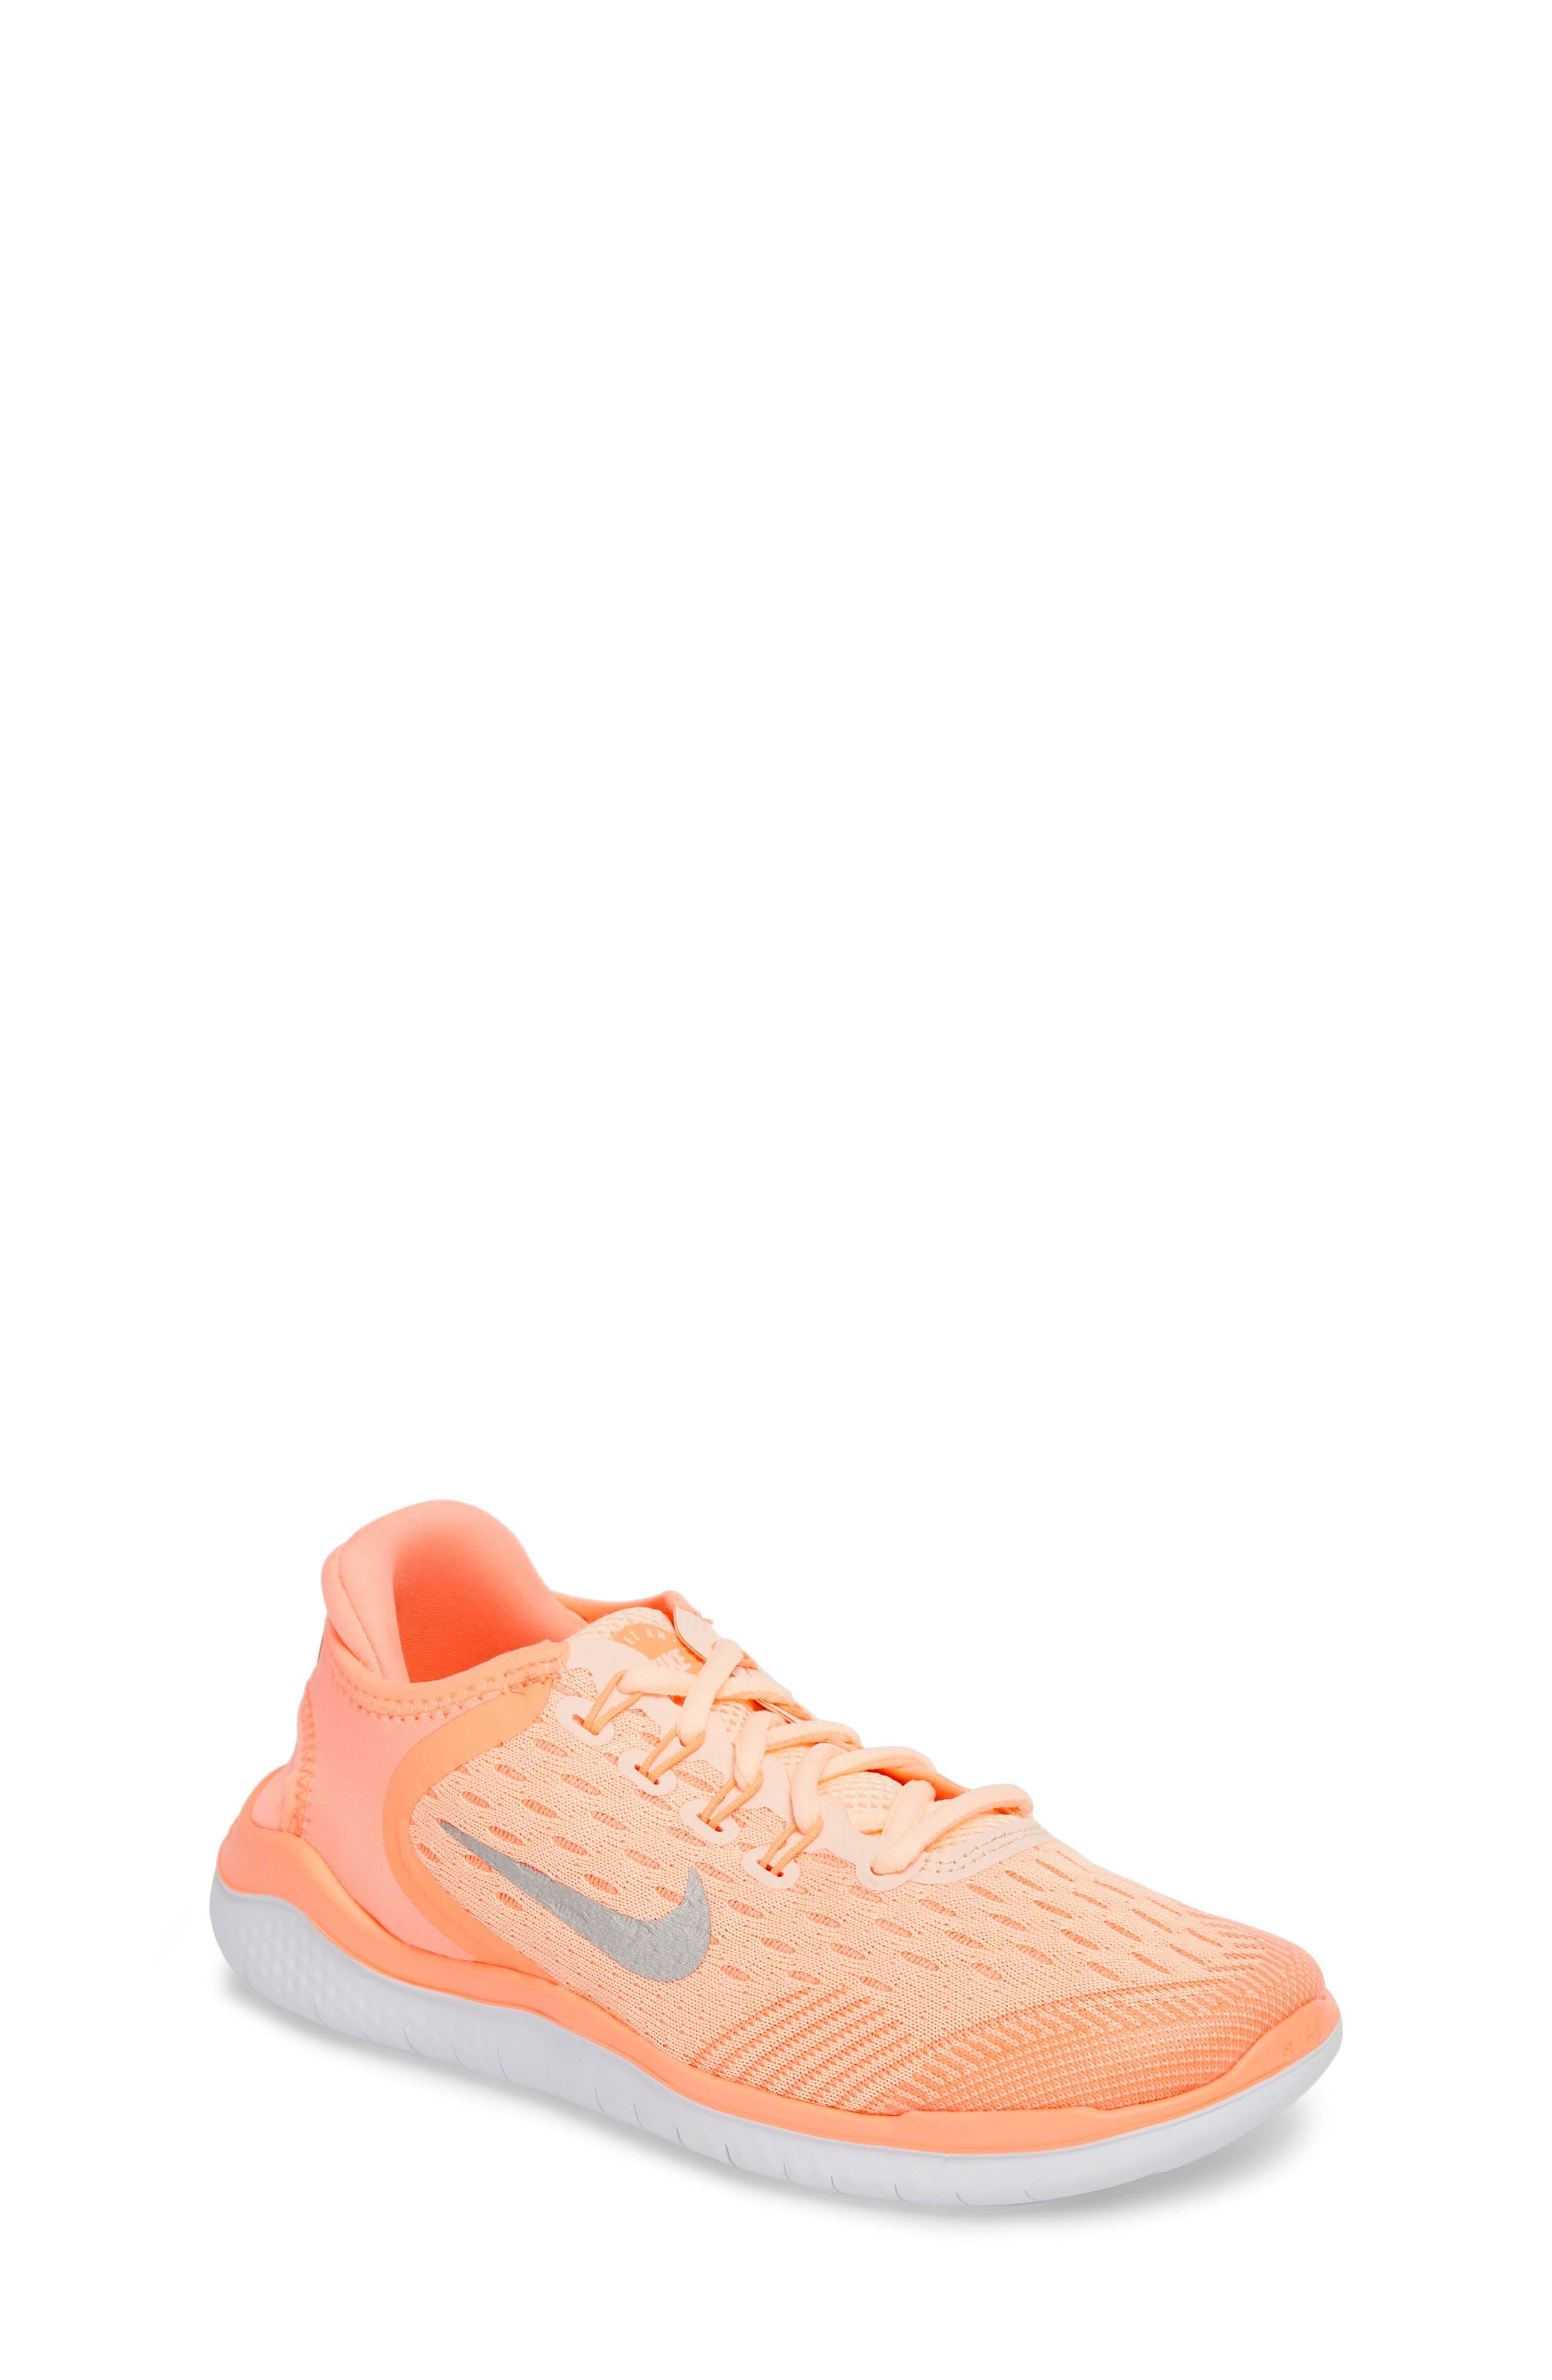 Nike Free RN 2018 Running Shoe (Big Kid)